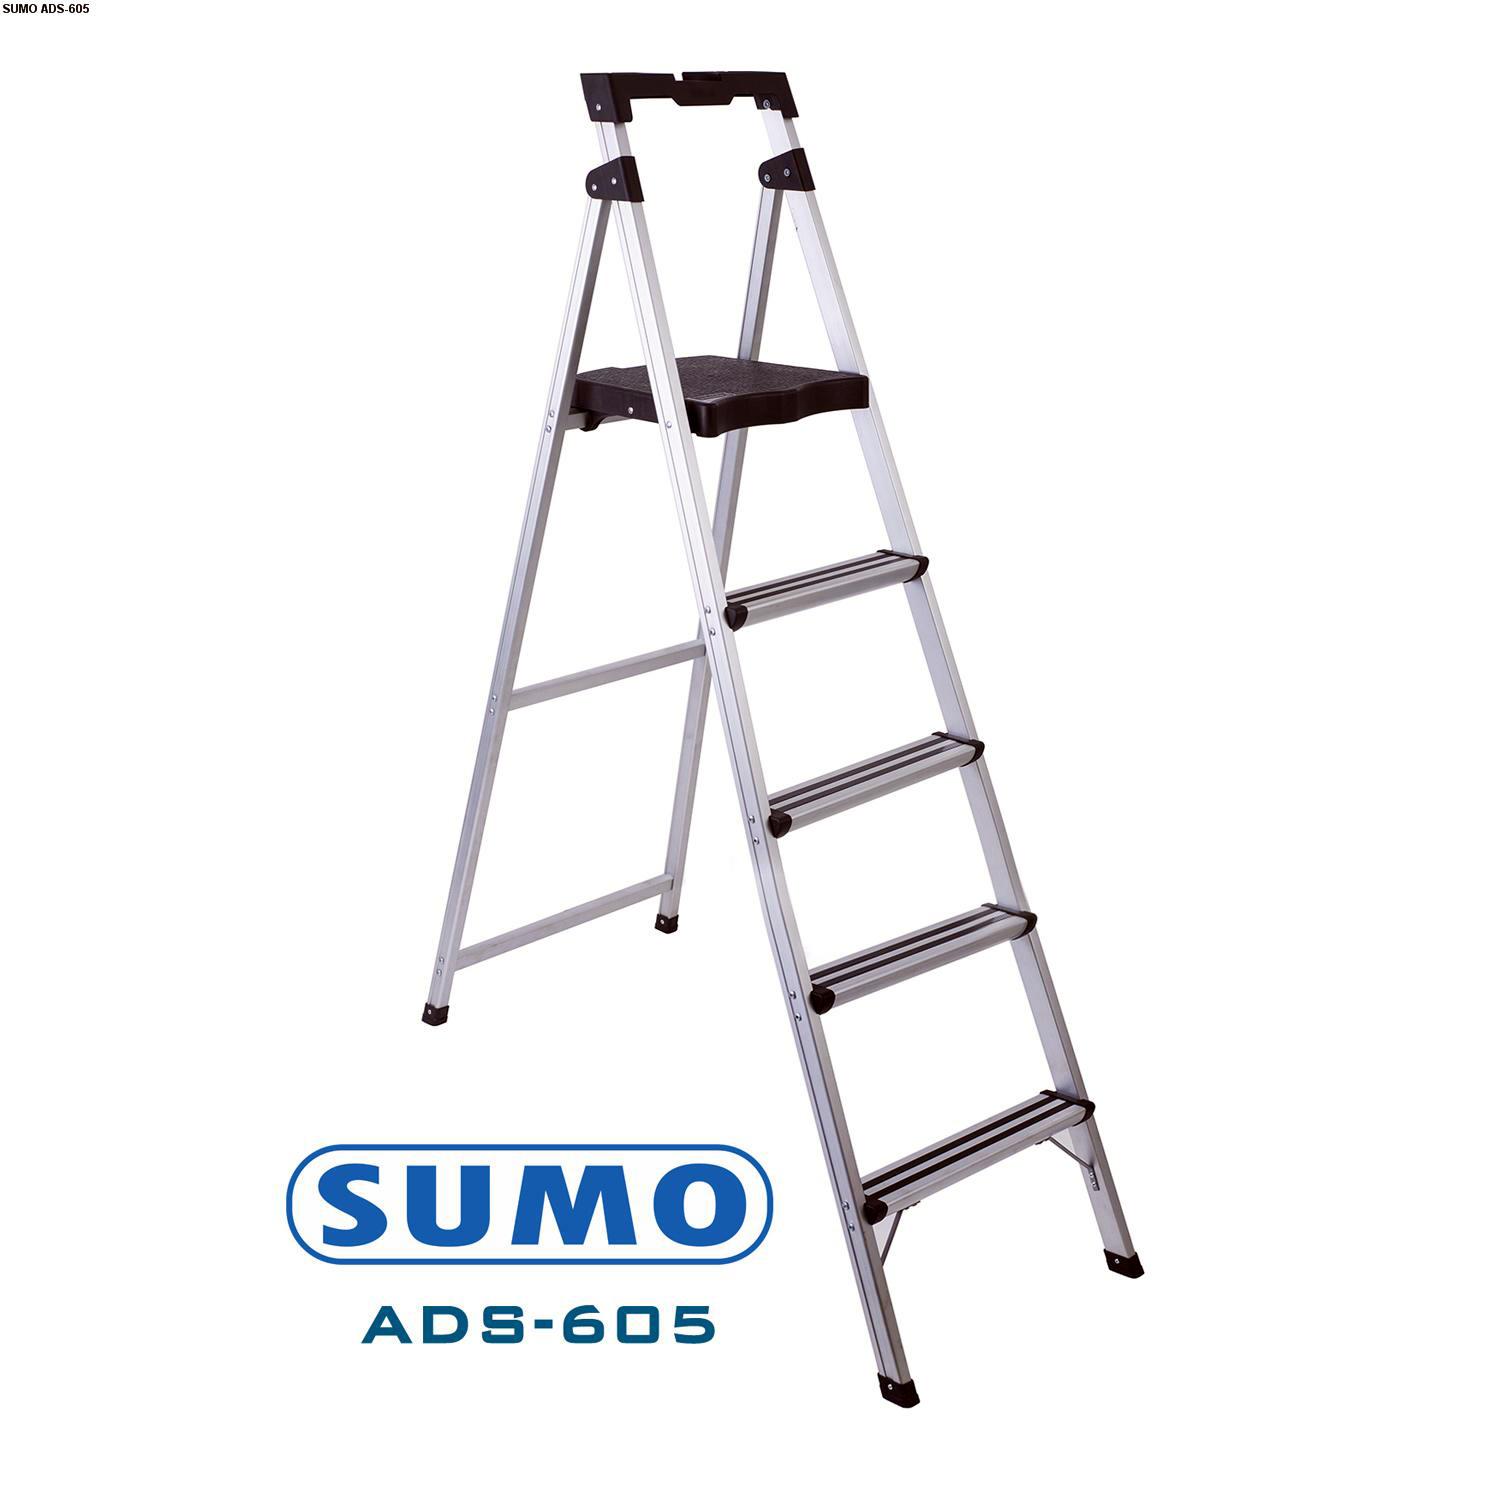 thang-nhom-ghe-5-bac-sumo-ads-605-gia-re-11-21112018103125-42.jpg